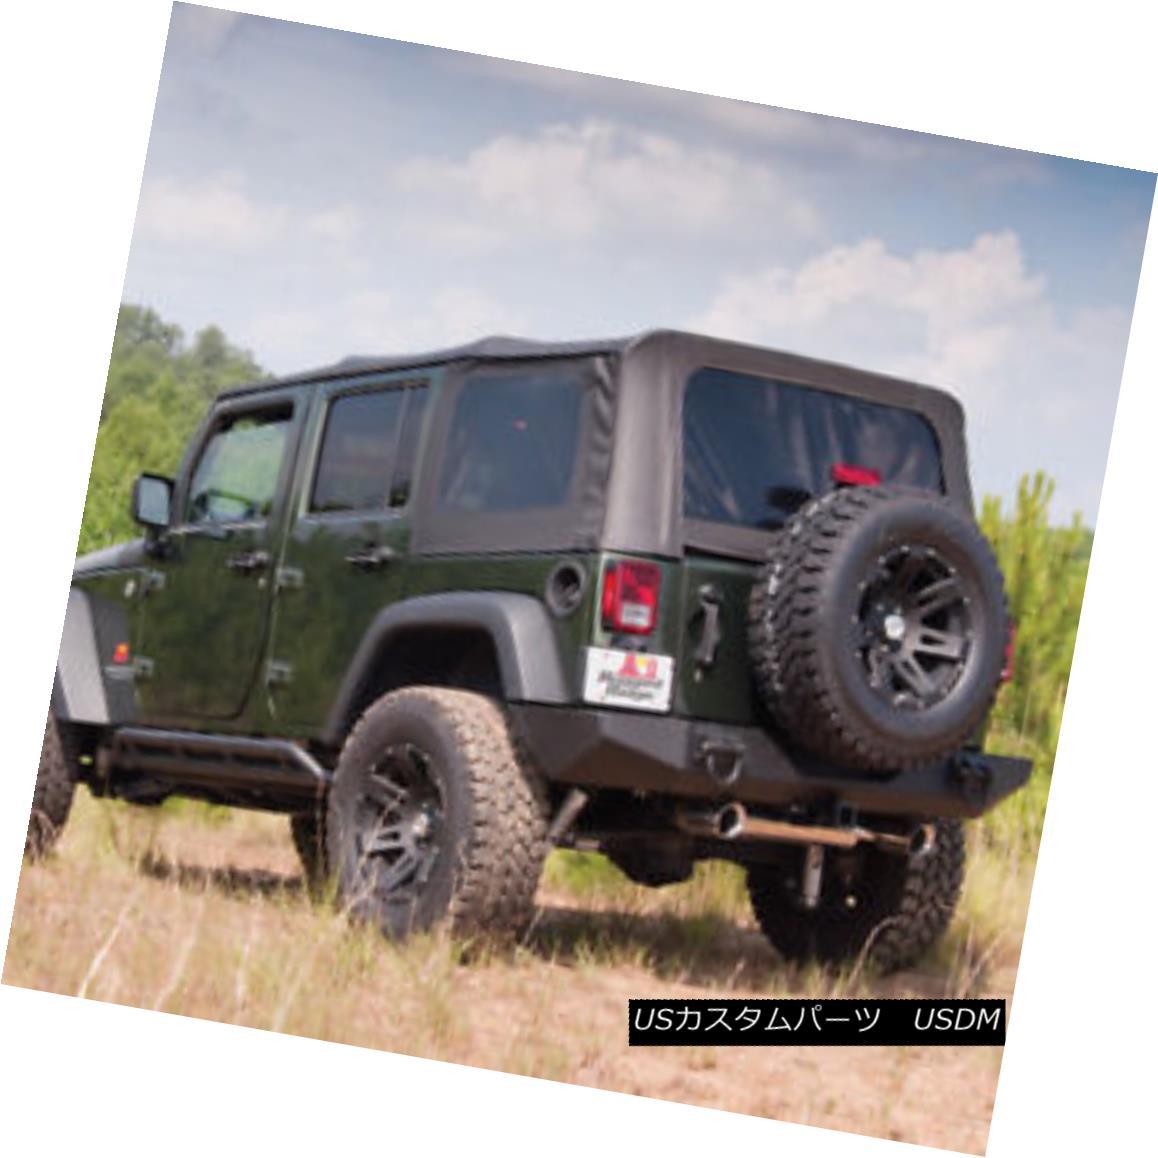 新品本物 幌・ソフトトップ Rugged Ridge 頑丈なリッジ13741.35 13741.35 XHD Soft Wrangler Ridge Top Black Diamond 07-09 Jeep Wrangler Unlimited 頑丈なリッジ13741.35 XHDソフトトップブラックダイヤモンド07-09ジープラングラー無制限, 鎌田屋:2cadfcc5 --- mediplusmedikal.com